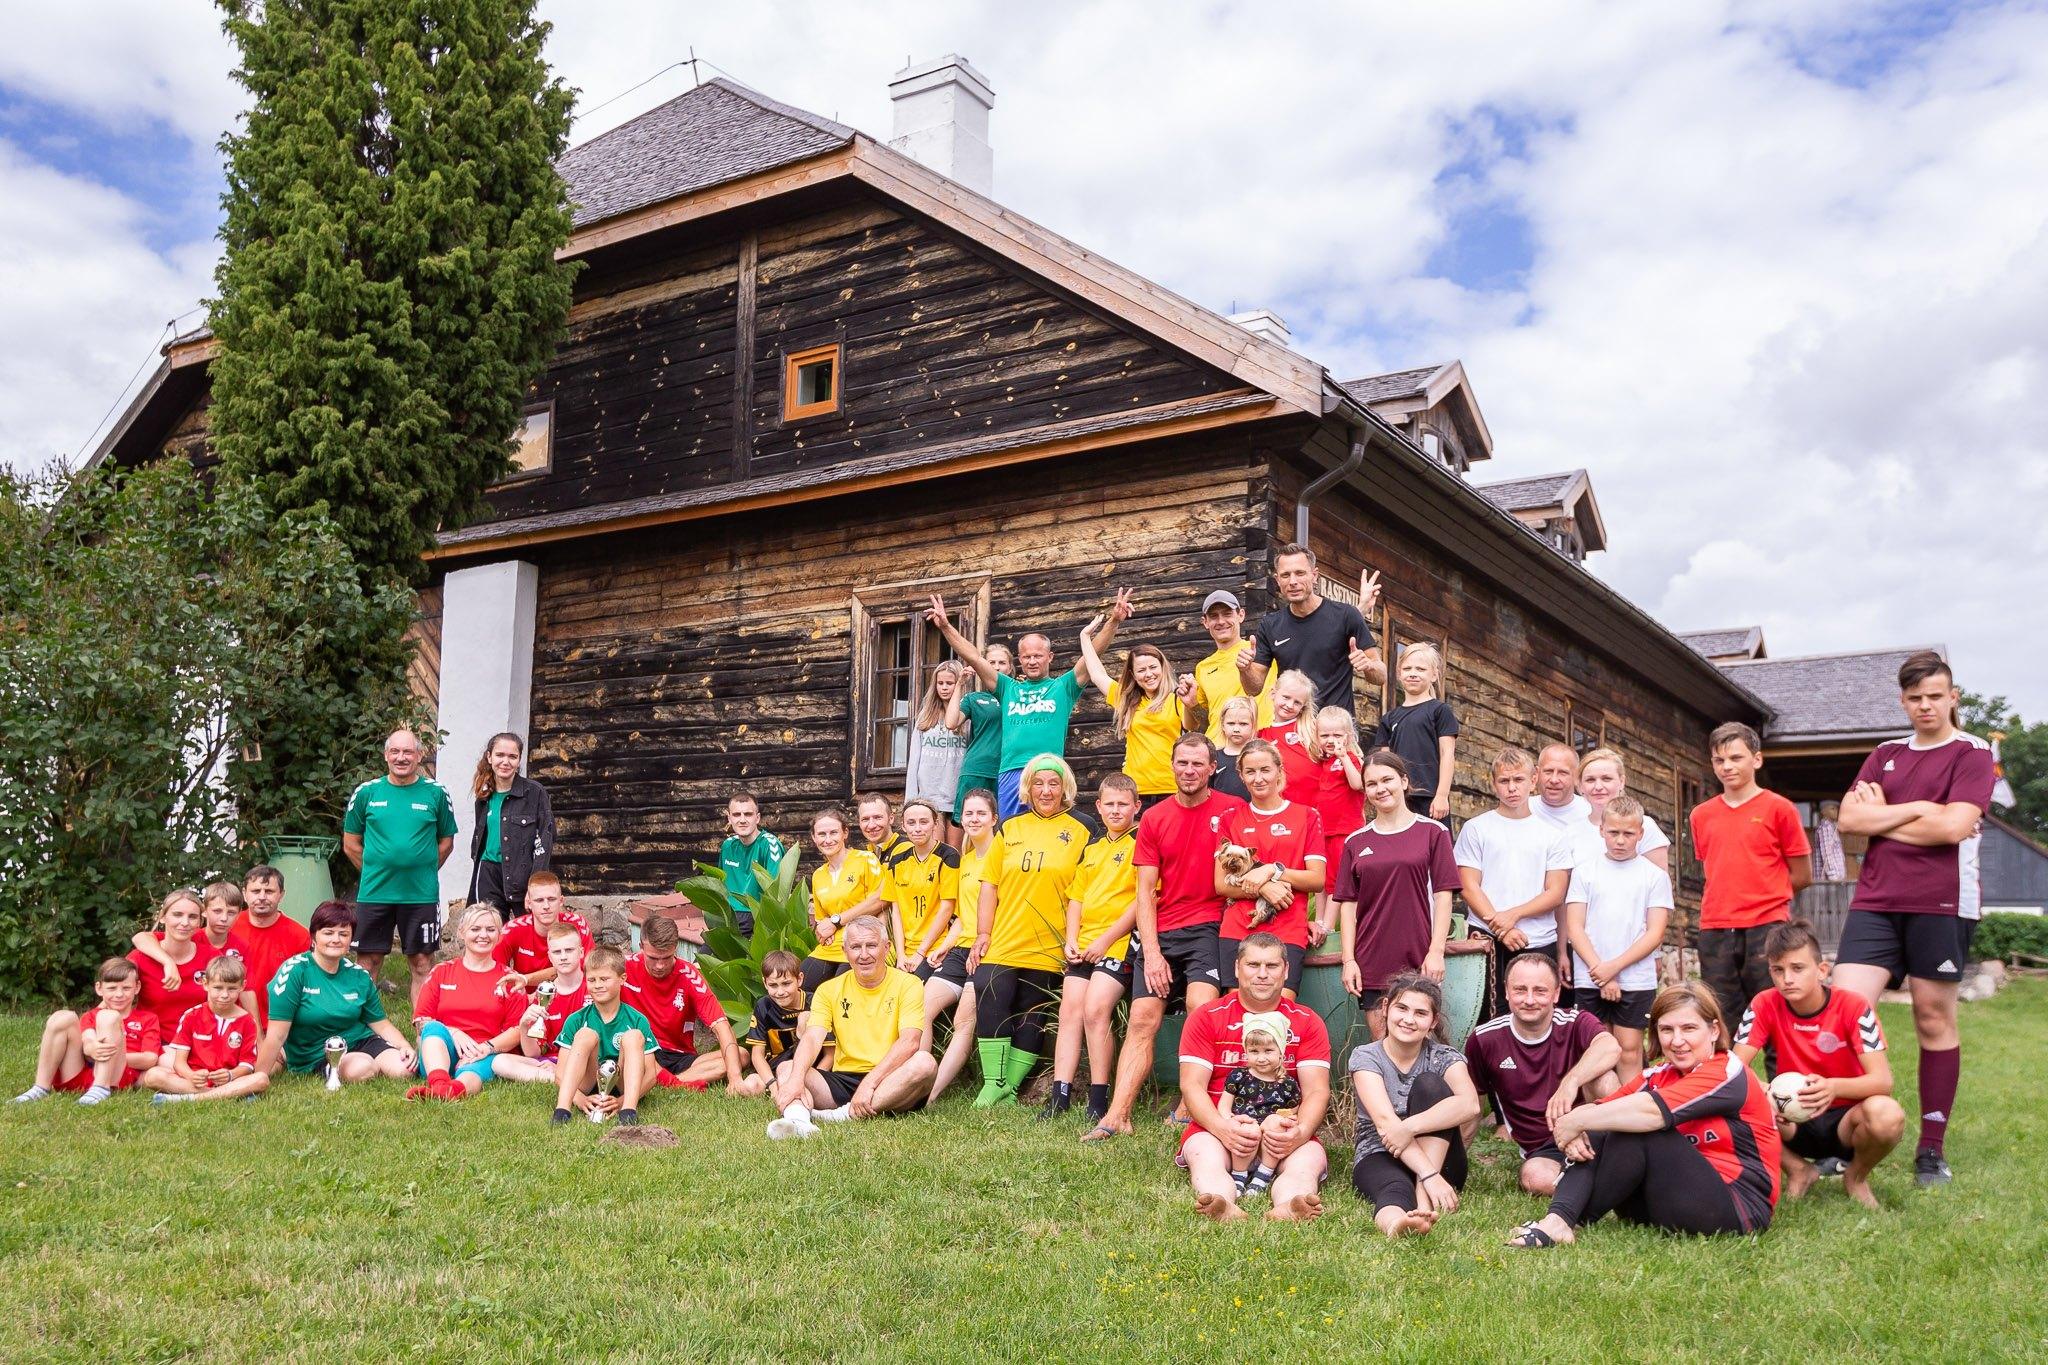 Futbolas žaidžiamas Lietuvos istorinėse vietose II